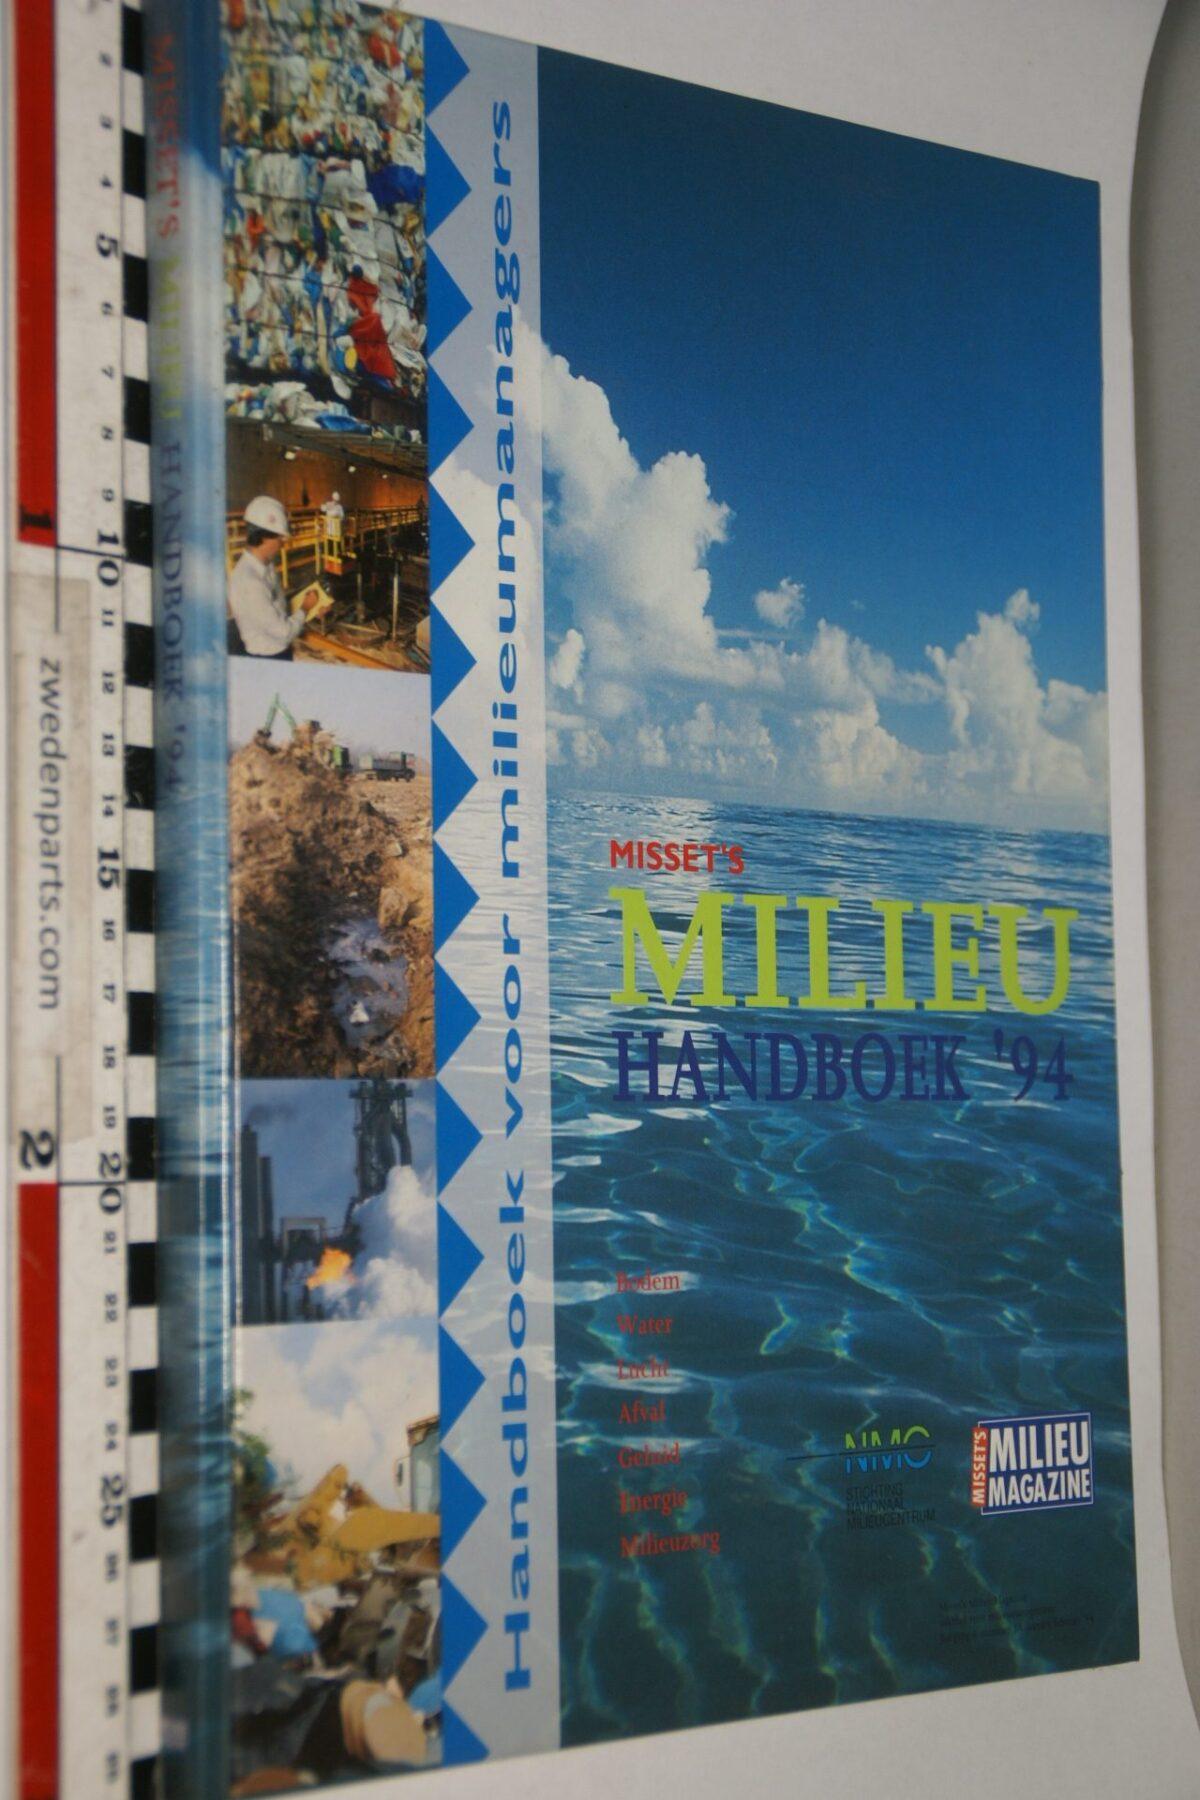 DSC06946 1994 boek Missets Mileuhandboek van Lex Pranger  ISBN 9080036056